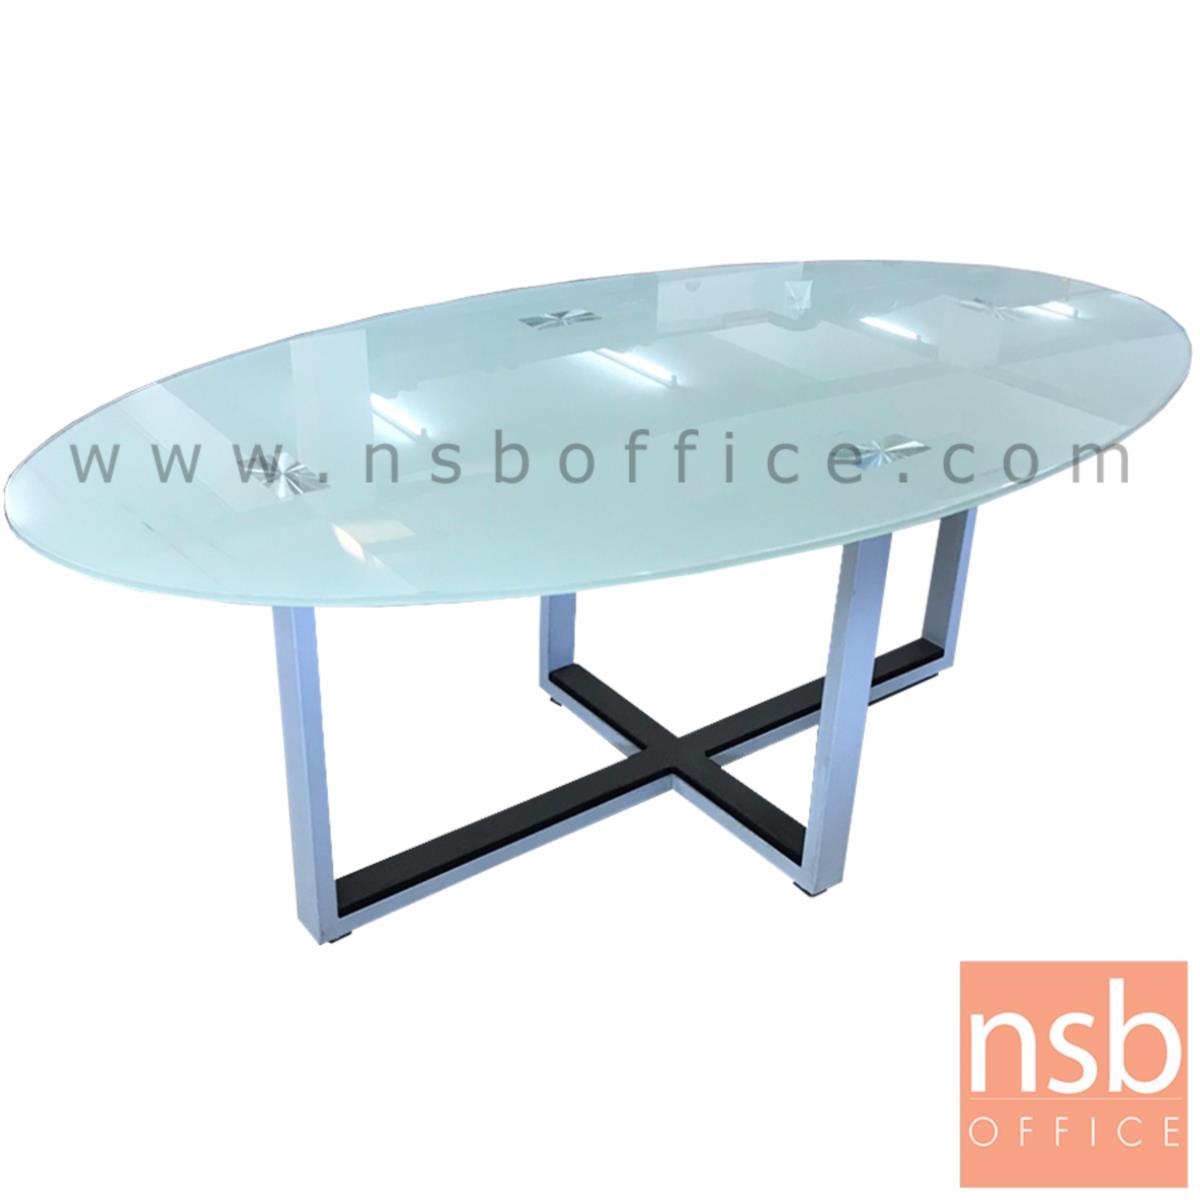 L10A163:โต๊ะกลางกระจกวงรี  ขนาด 120Di*45H cm. ขาเหล็กพ่นสี